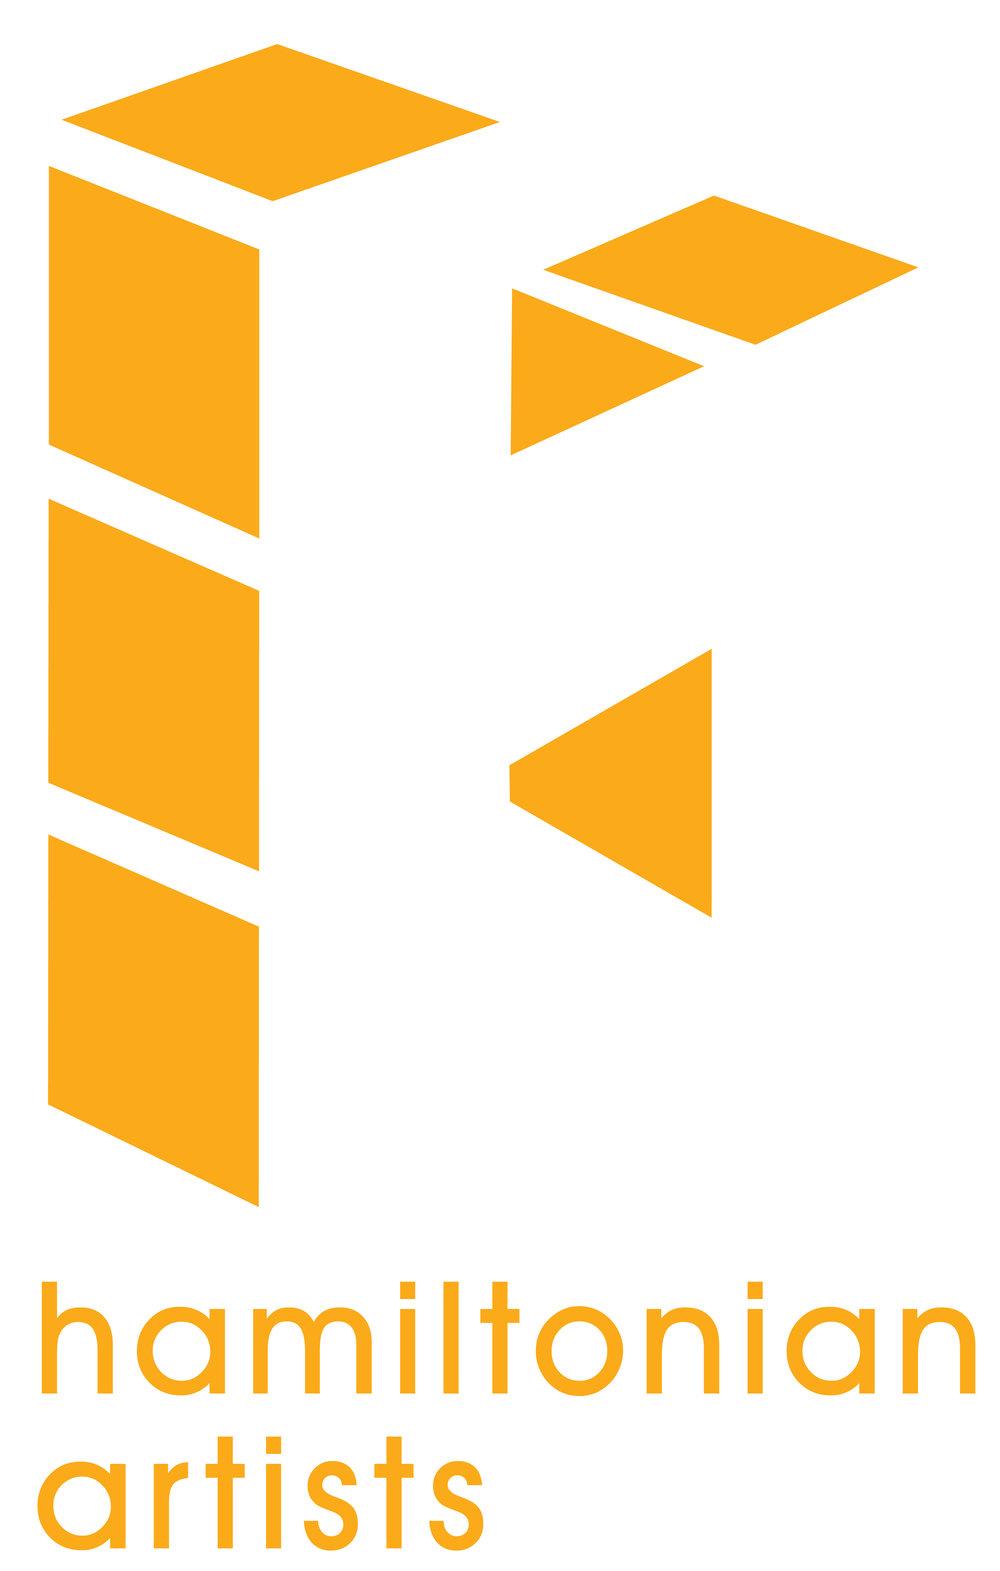 landing_page_logo-01.jpg